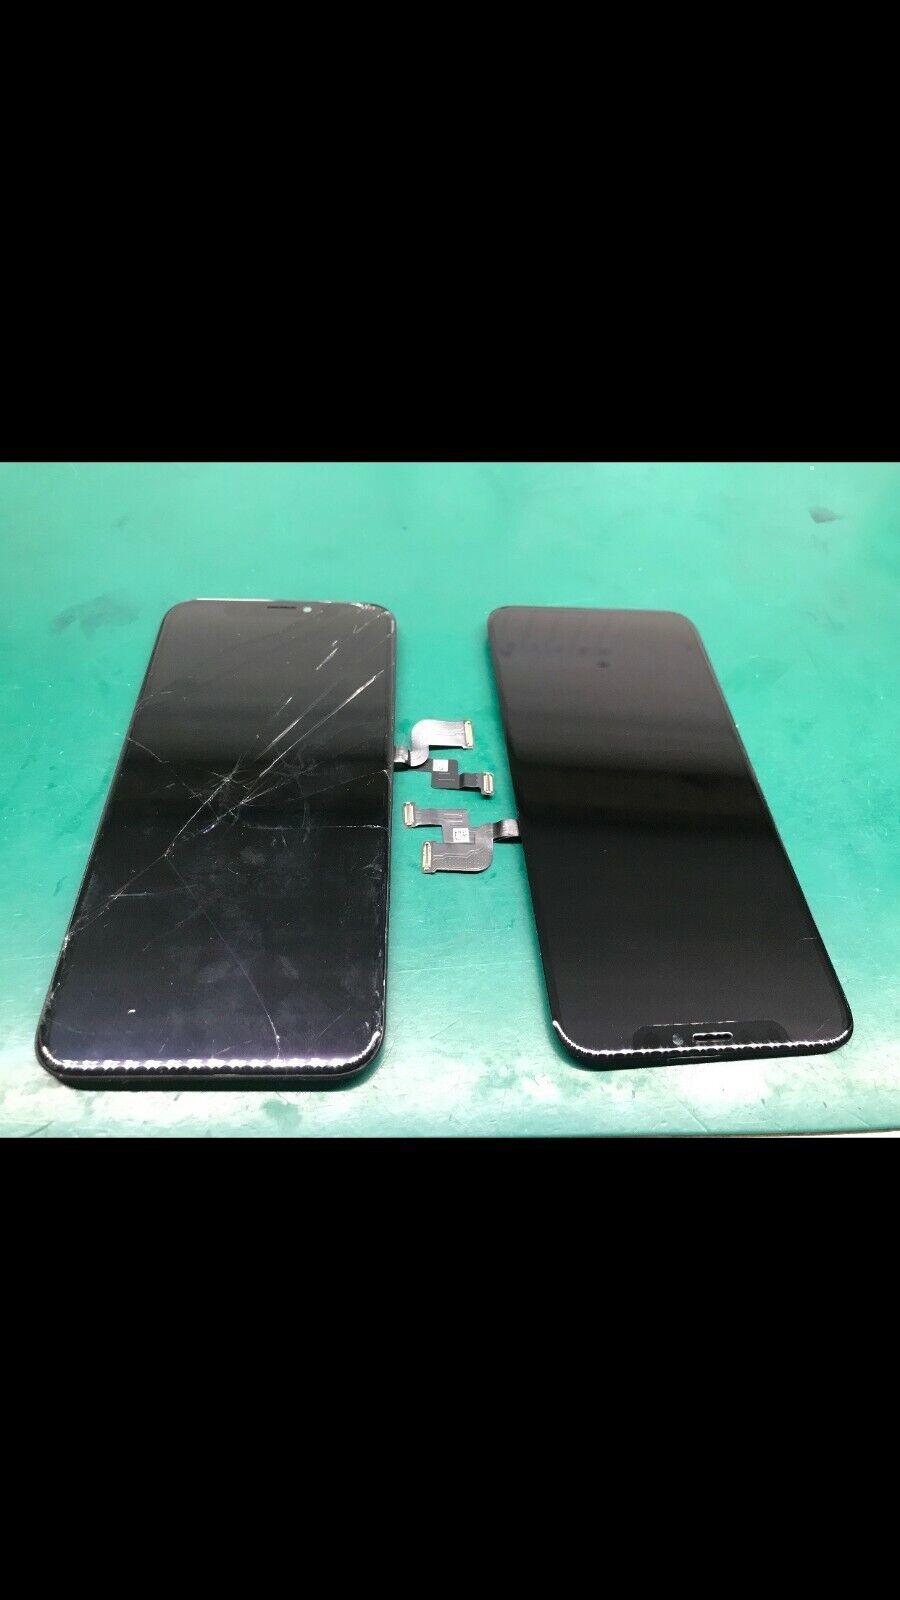 IPhone X Cracked Glass Screen Repair Refurbish Service OEM - $69.99